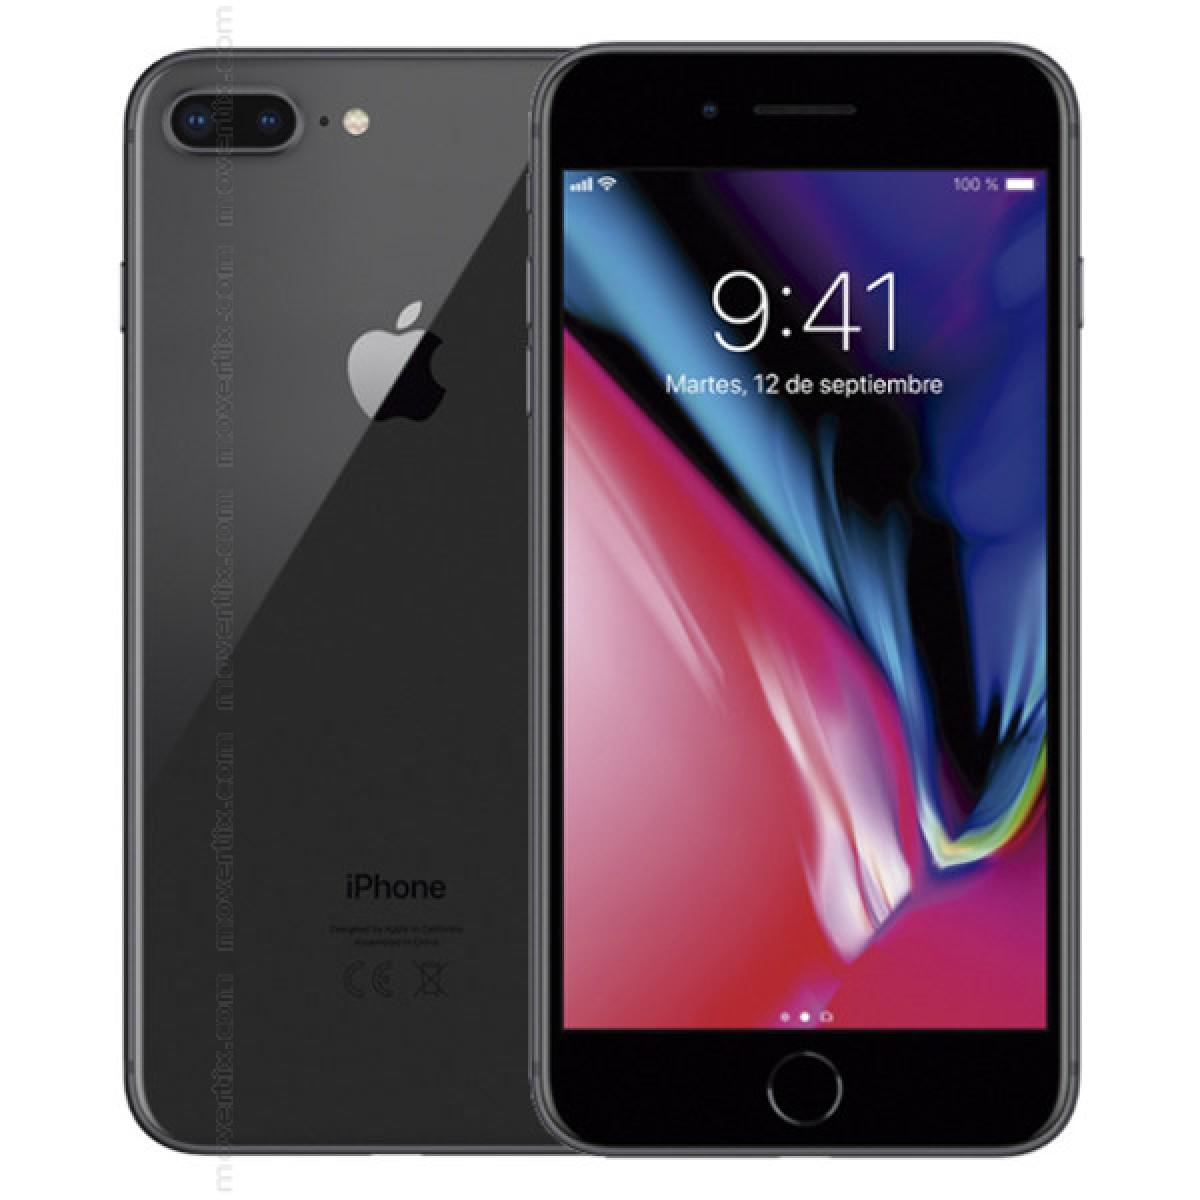 iphone8 128gb